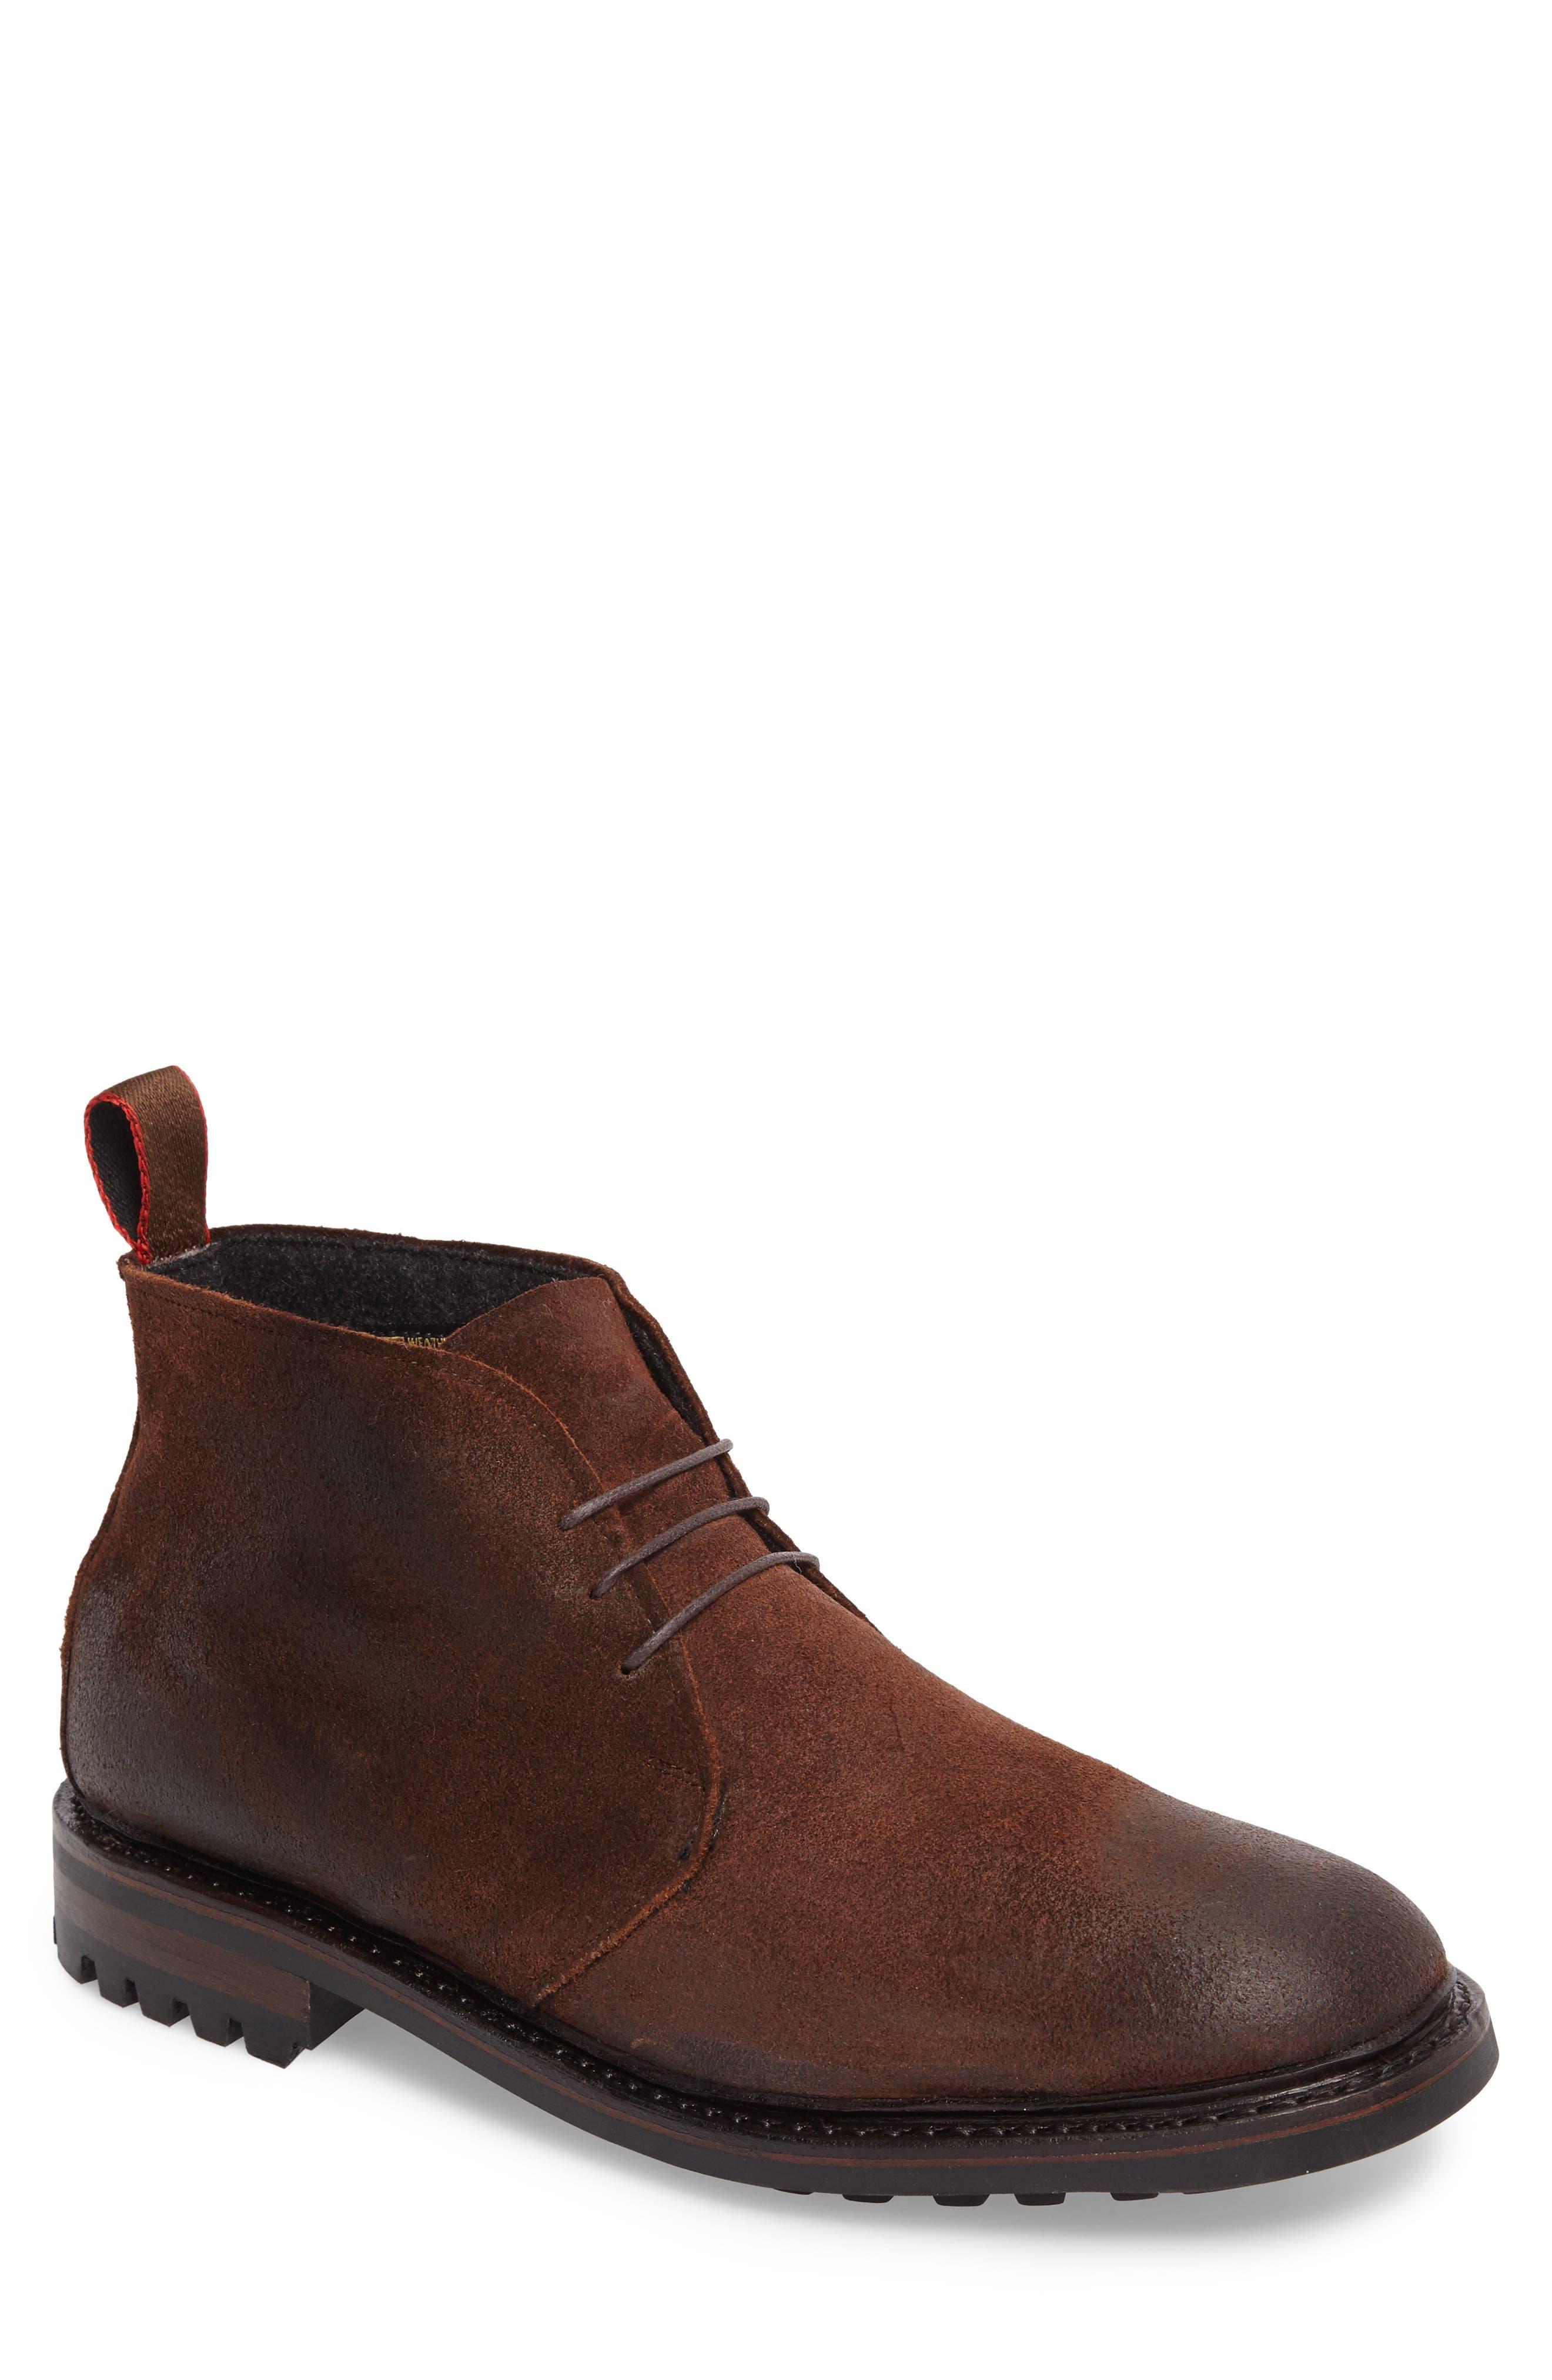 Allen Edmonds Surrey Water Repellent Chukka Boot (Men)